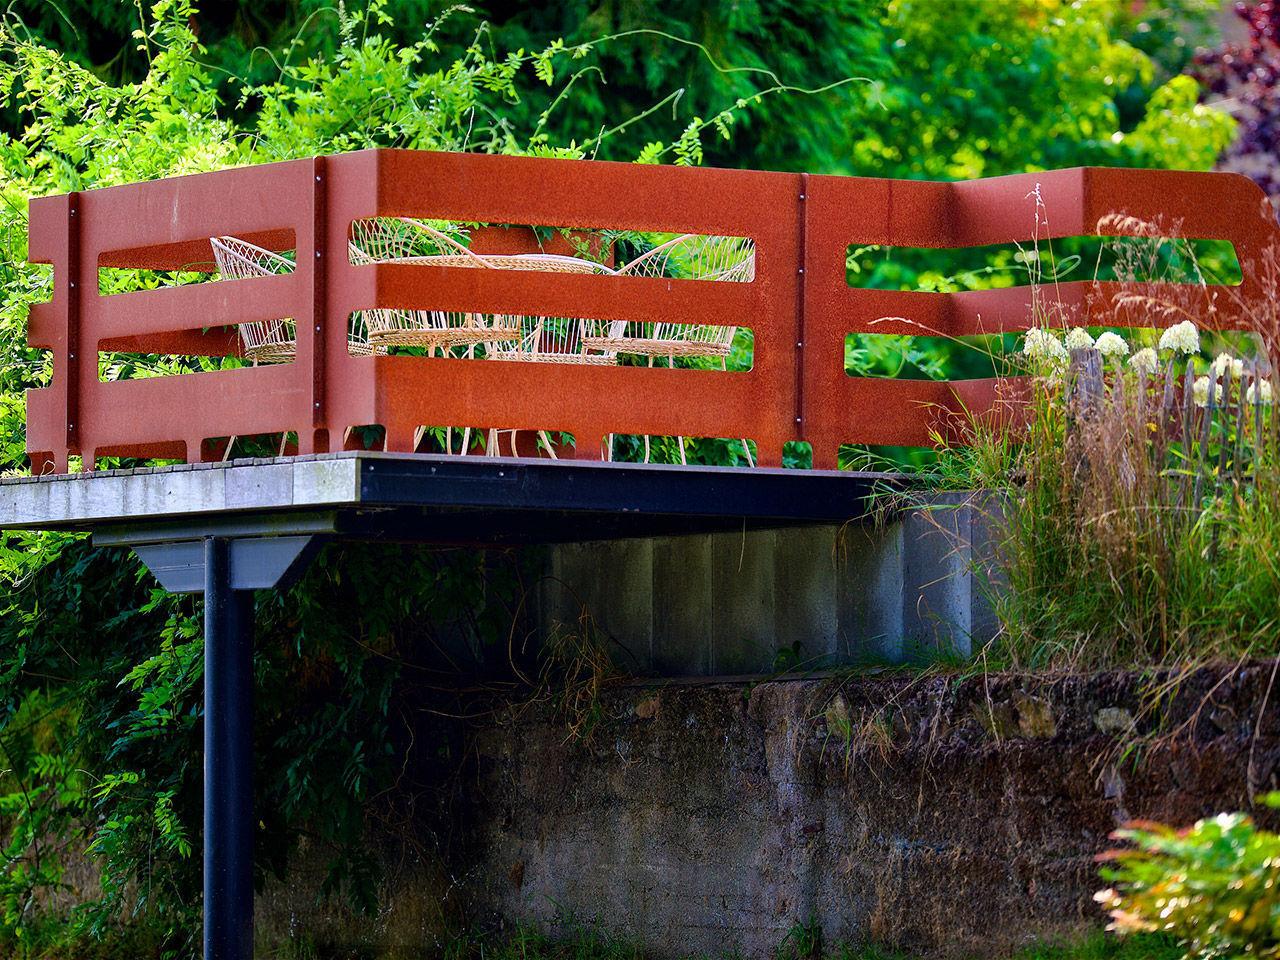 cortenstahl garten terrasse produkte, stahlgeländer / mit stangen / außenbereich / für terrassen - lmt, Design ideen